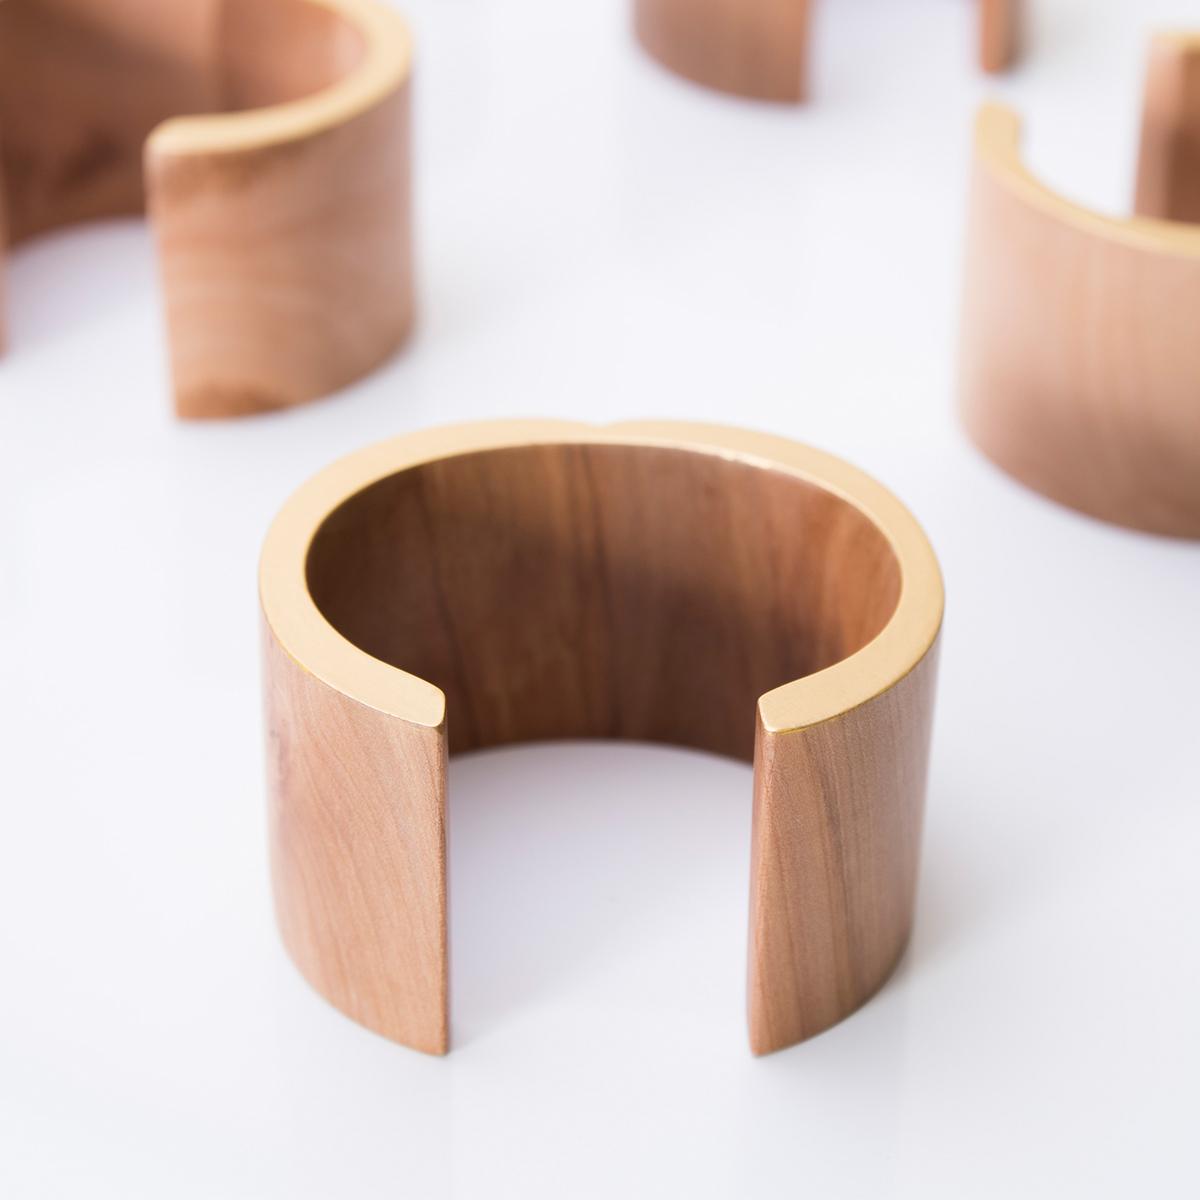 CHITOSE SLICE C 光を溜めるりんご ブレスレット 木村木品製作所 /マルゲリータ